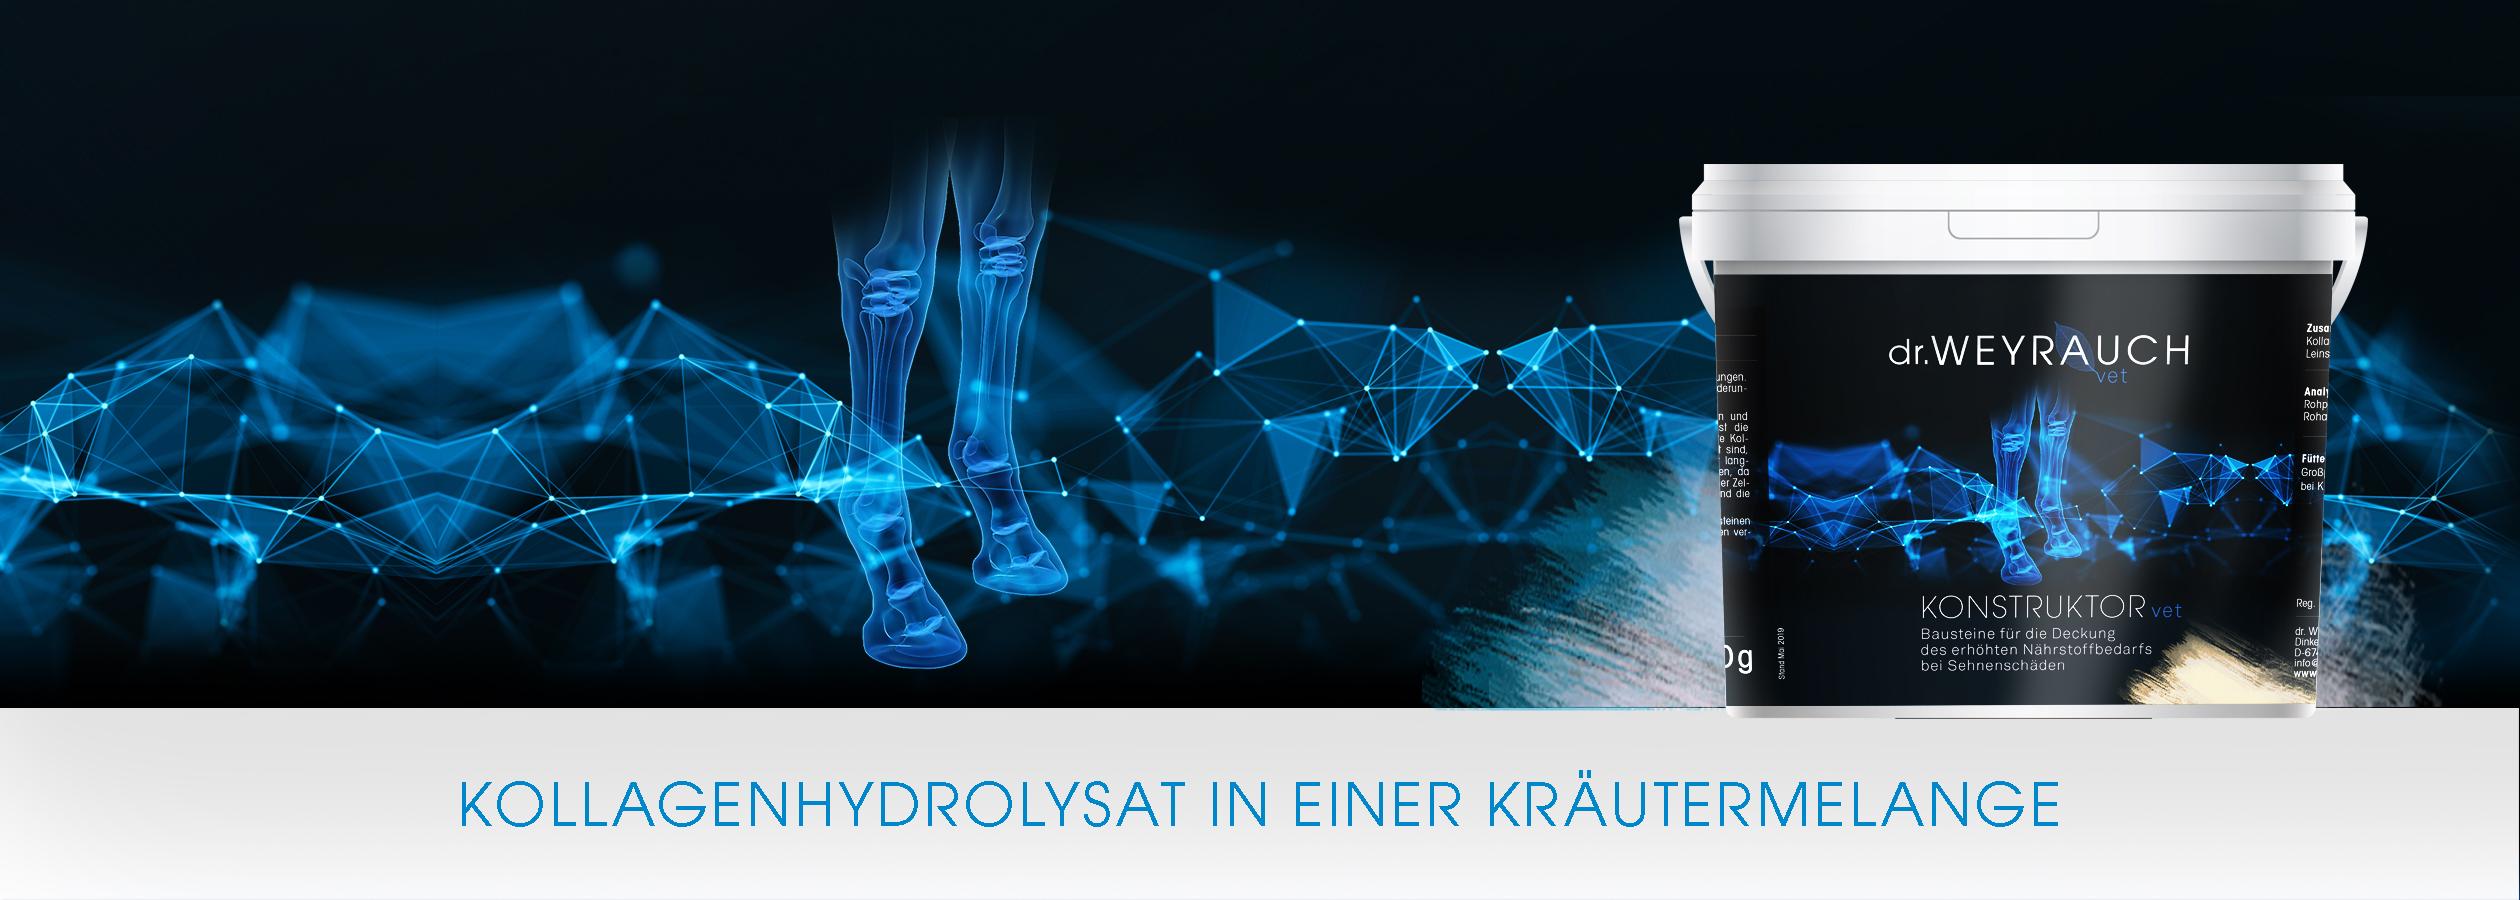 HEADER-2019-Konstruktor-Pferd_KA2_dunkel